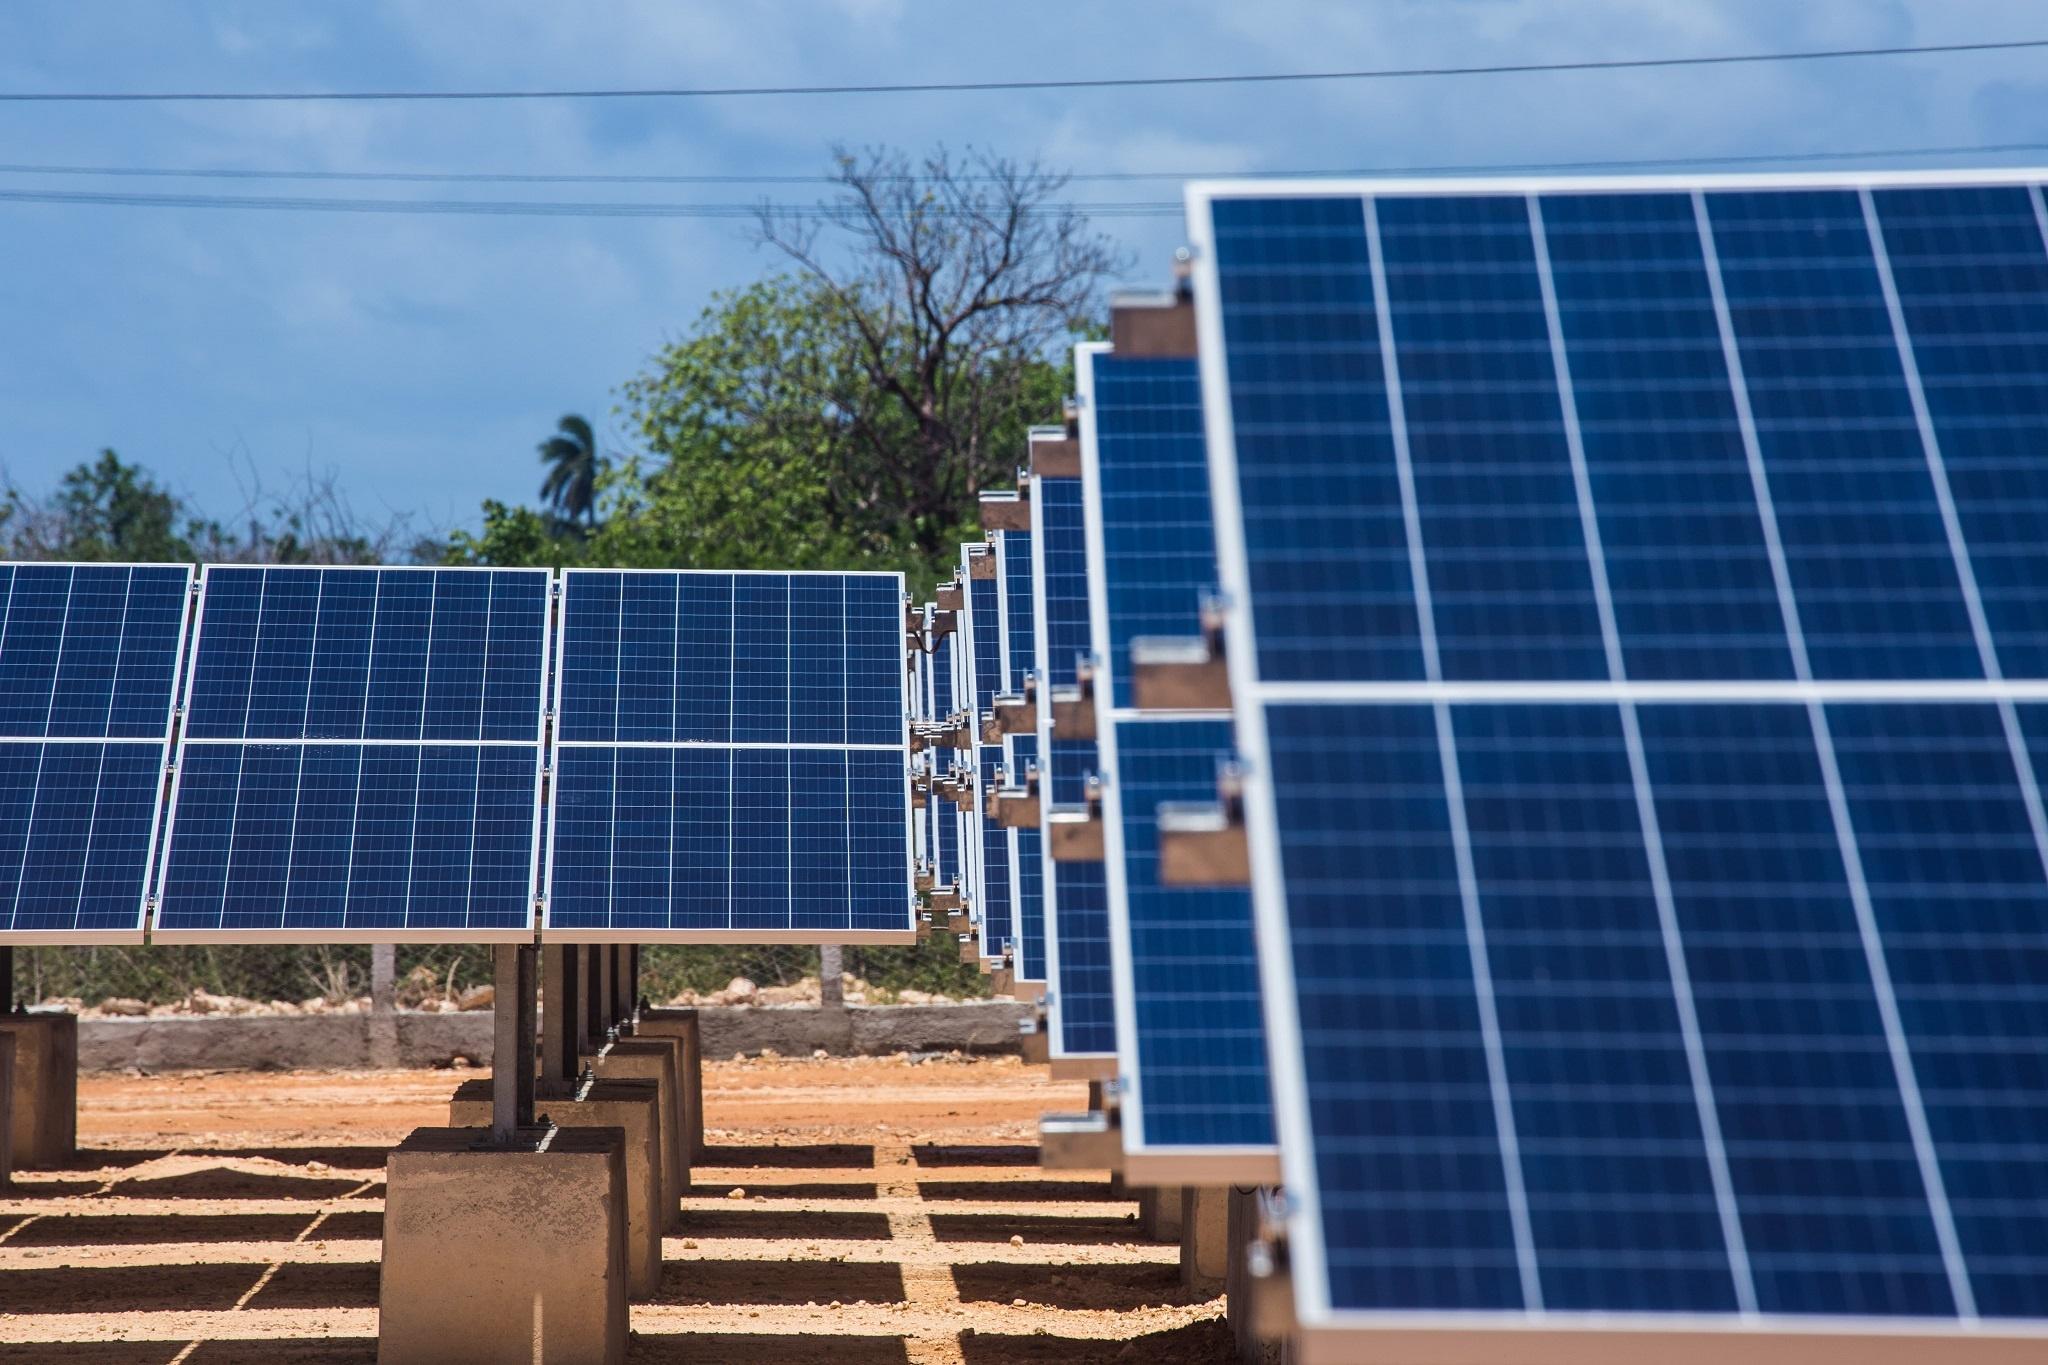 paneles solares para sistemas fotovoltaicos en Cuba